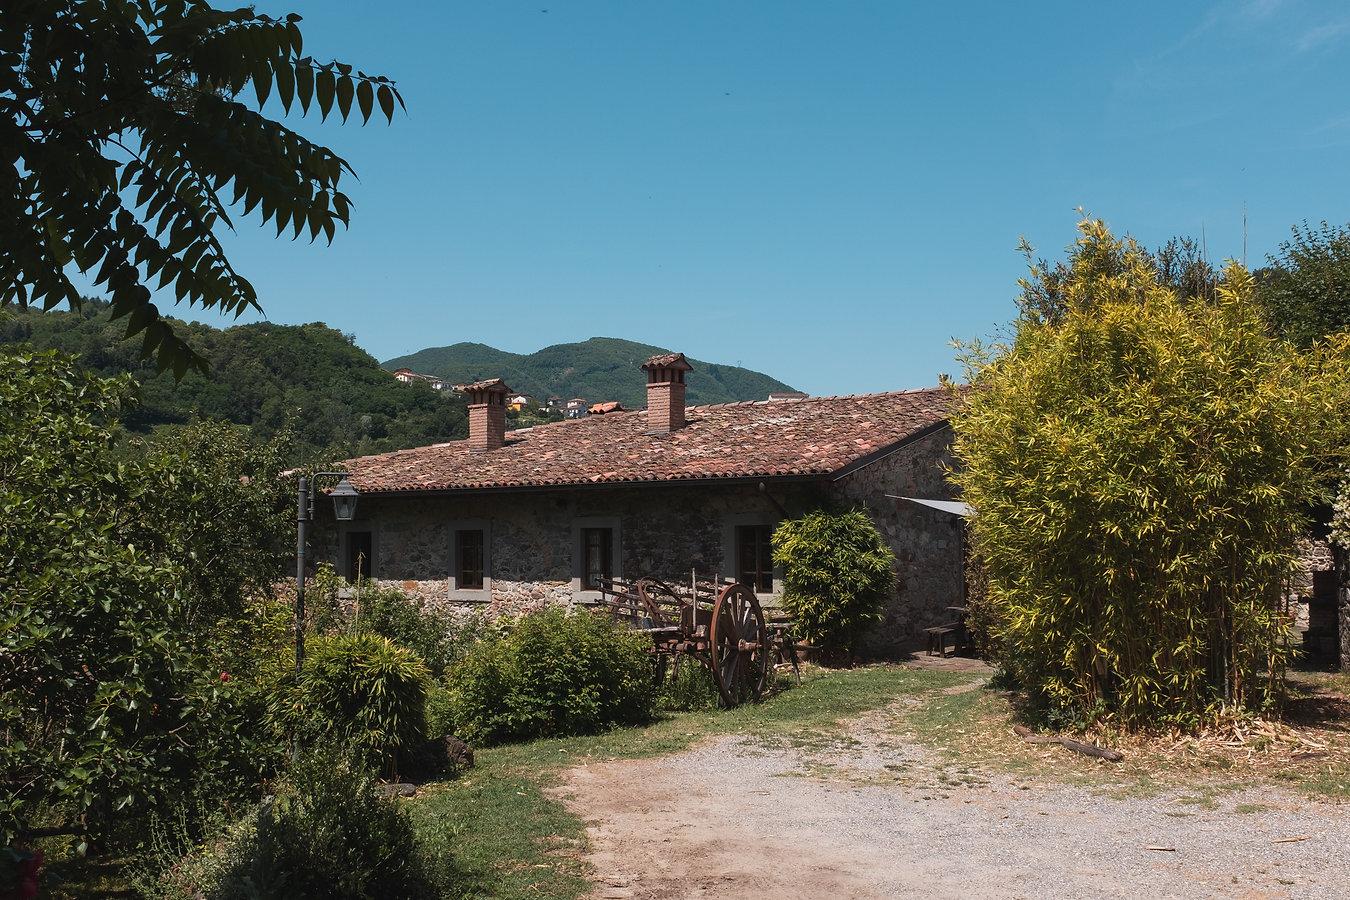 Borgo del Sole, i 4 appartamenti indipendenti, sistemazioni accoglienti e comode